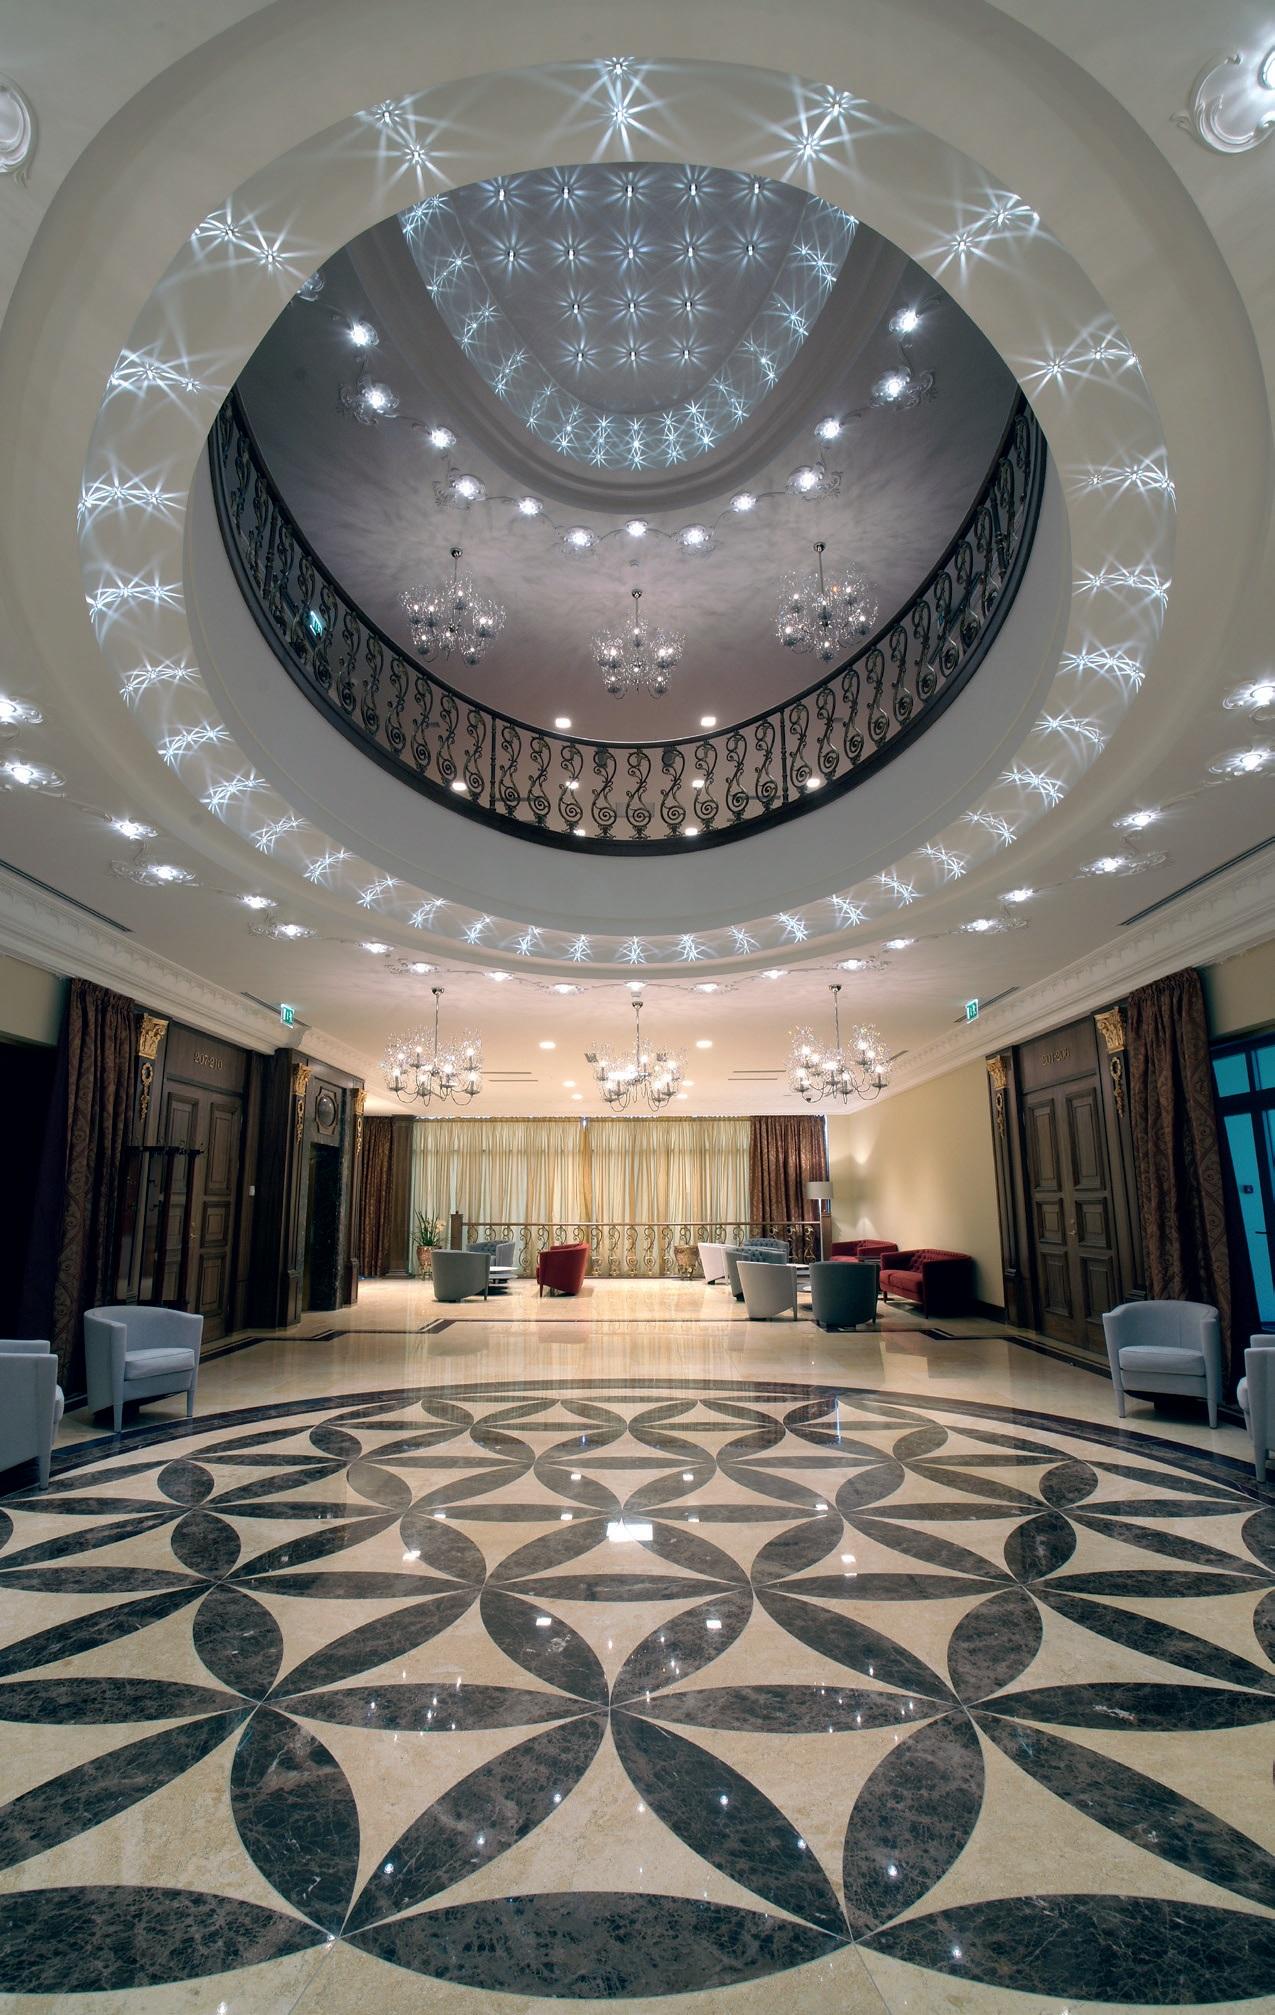 Viešbučio interjeras užima kvapą, pradedant erdvių suplanavimu, baigiant įspūdingais apšvietimo sprendimais...